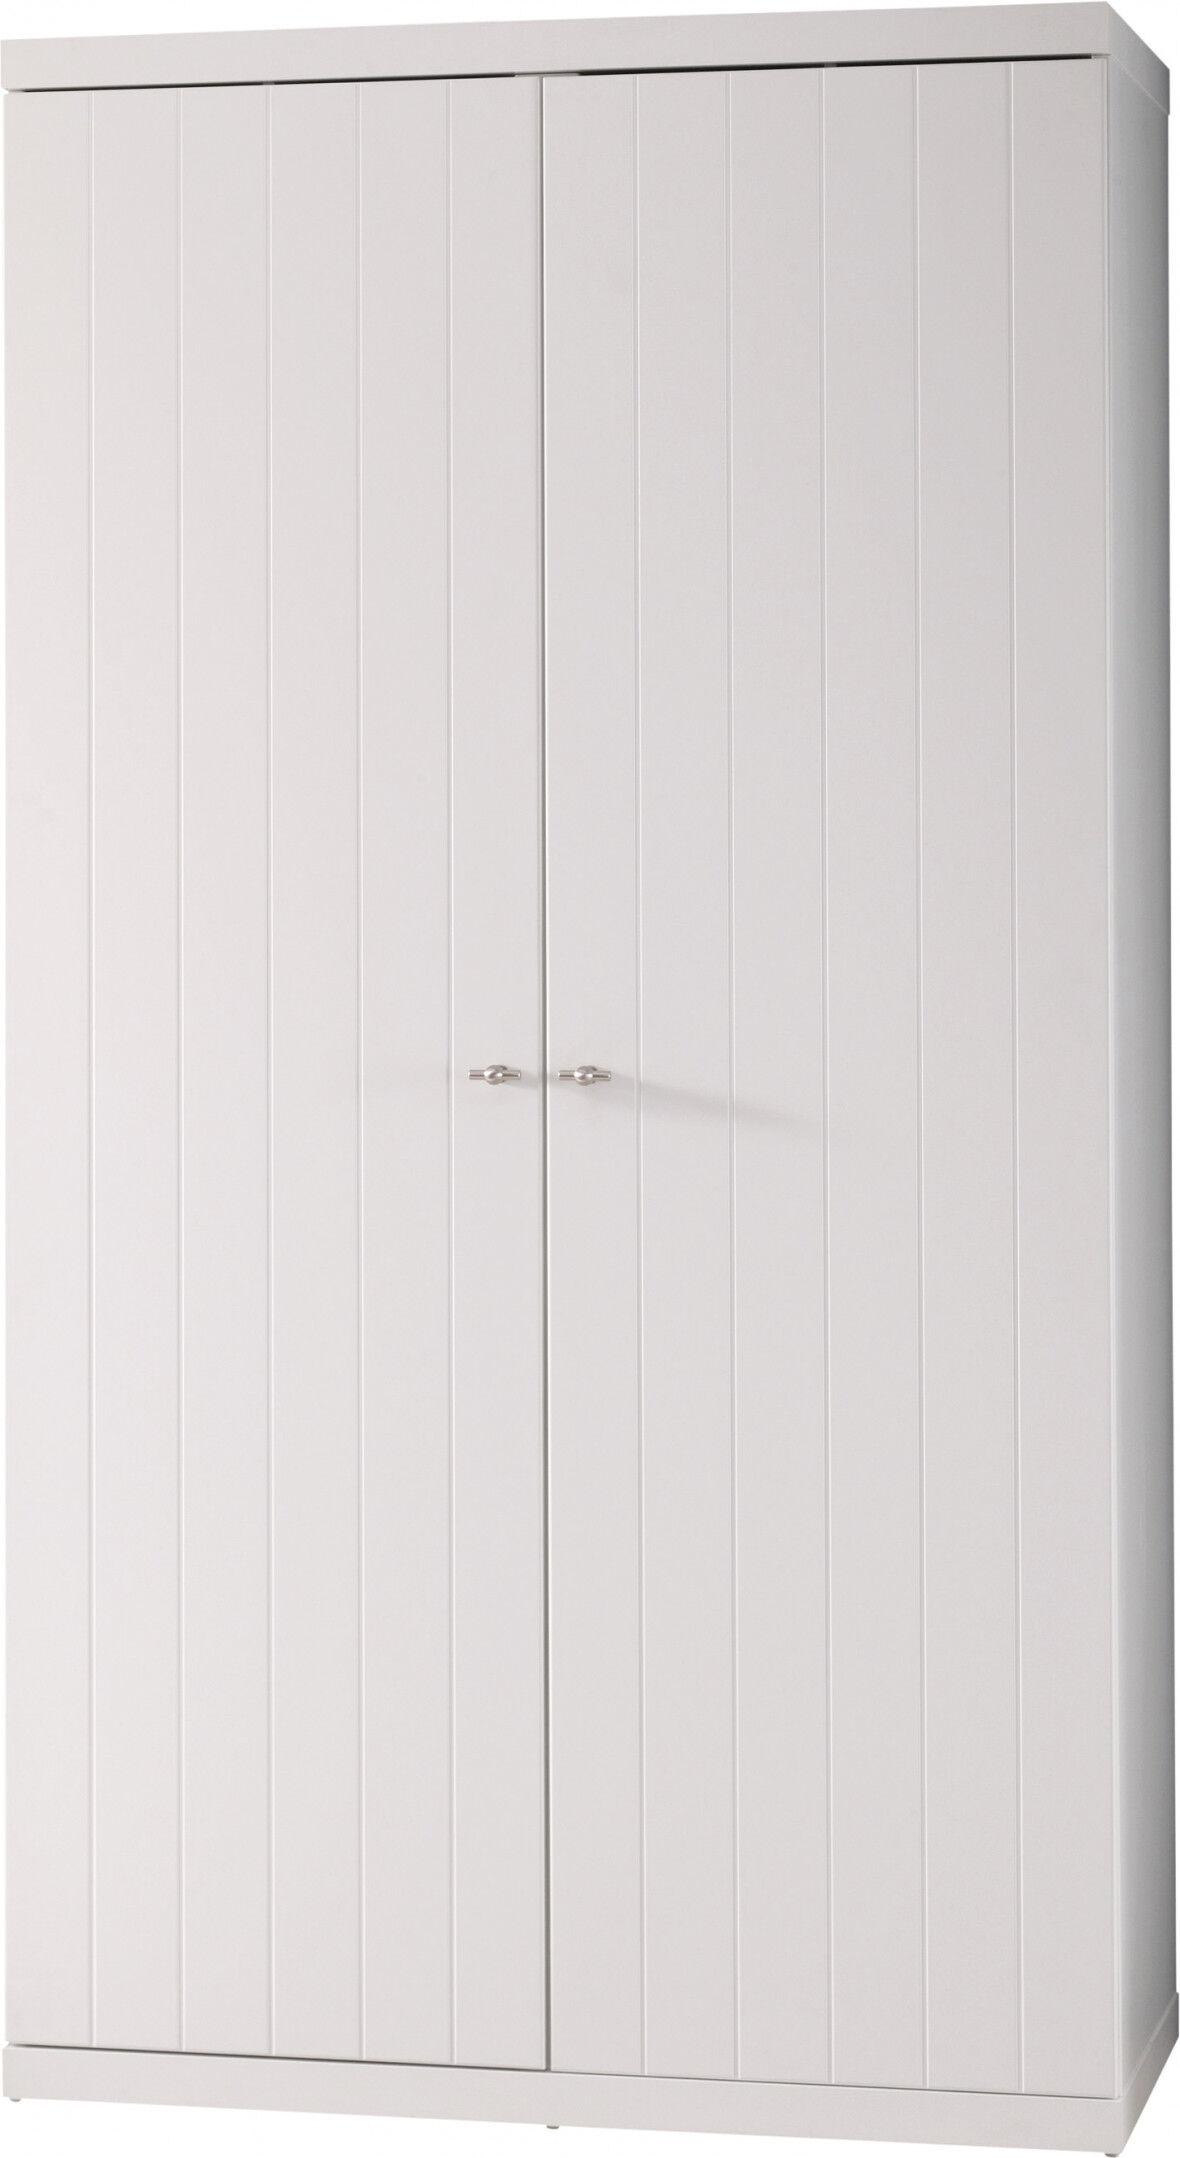 Destock Meubles Armoire enfant laqué blanc 2 portes ROBIN